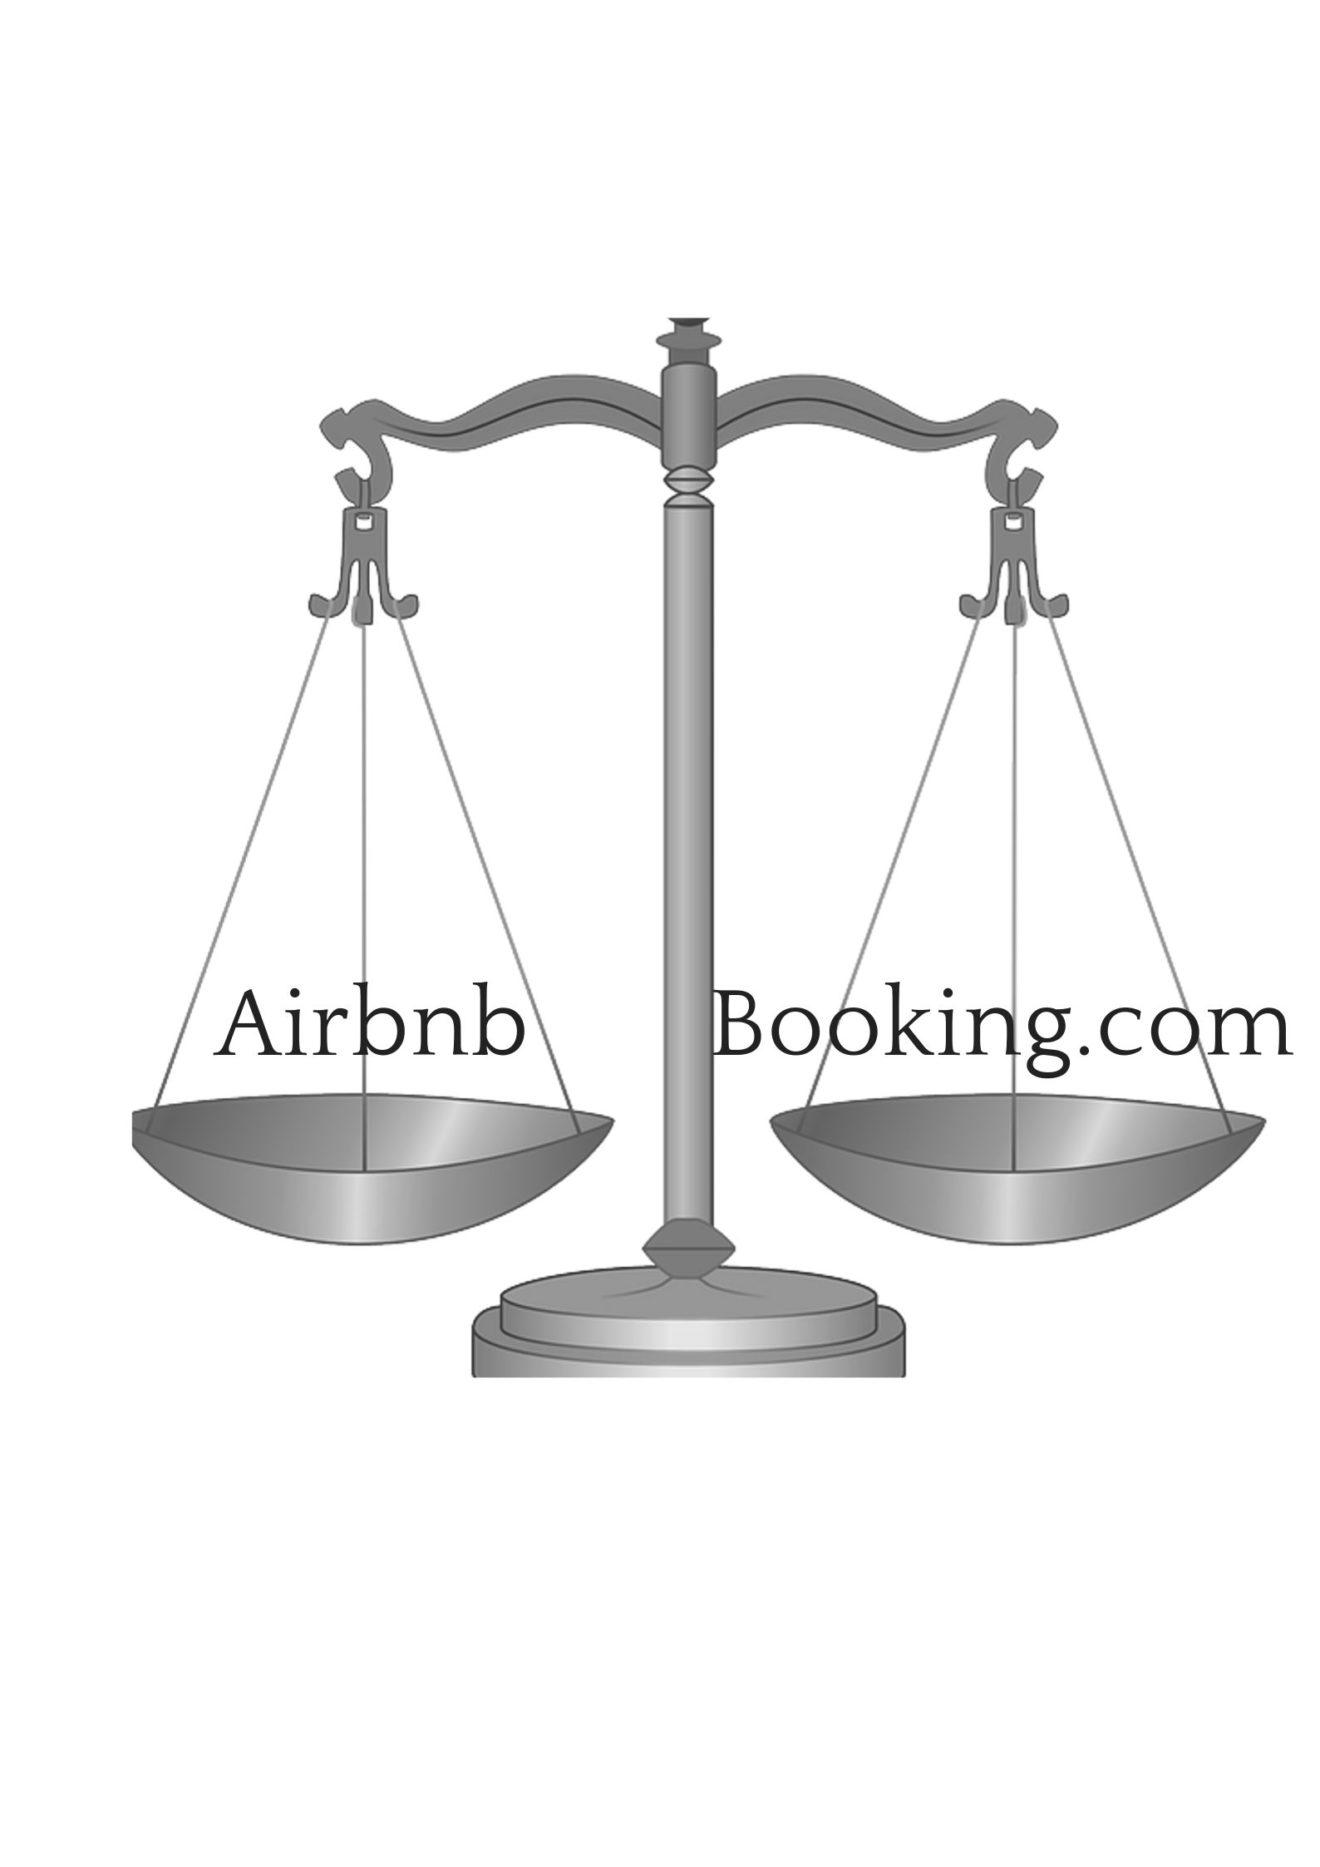 Airbnb Ou Booking Quel Site Choisir Pour Votre Annonce